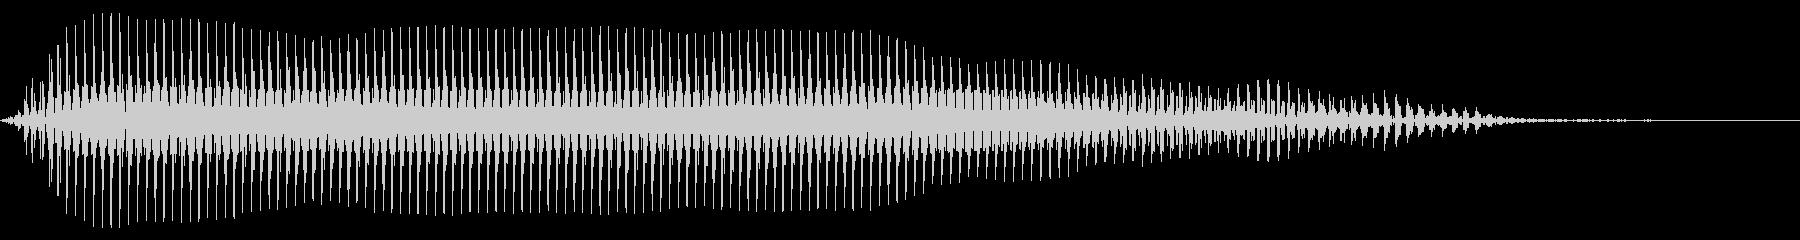 残念 失敗 トランペットの未再生の波形